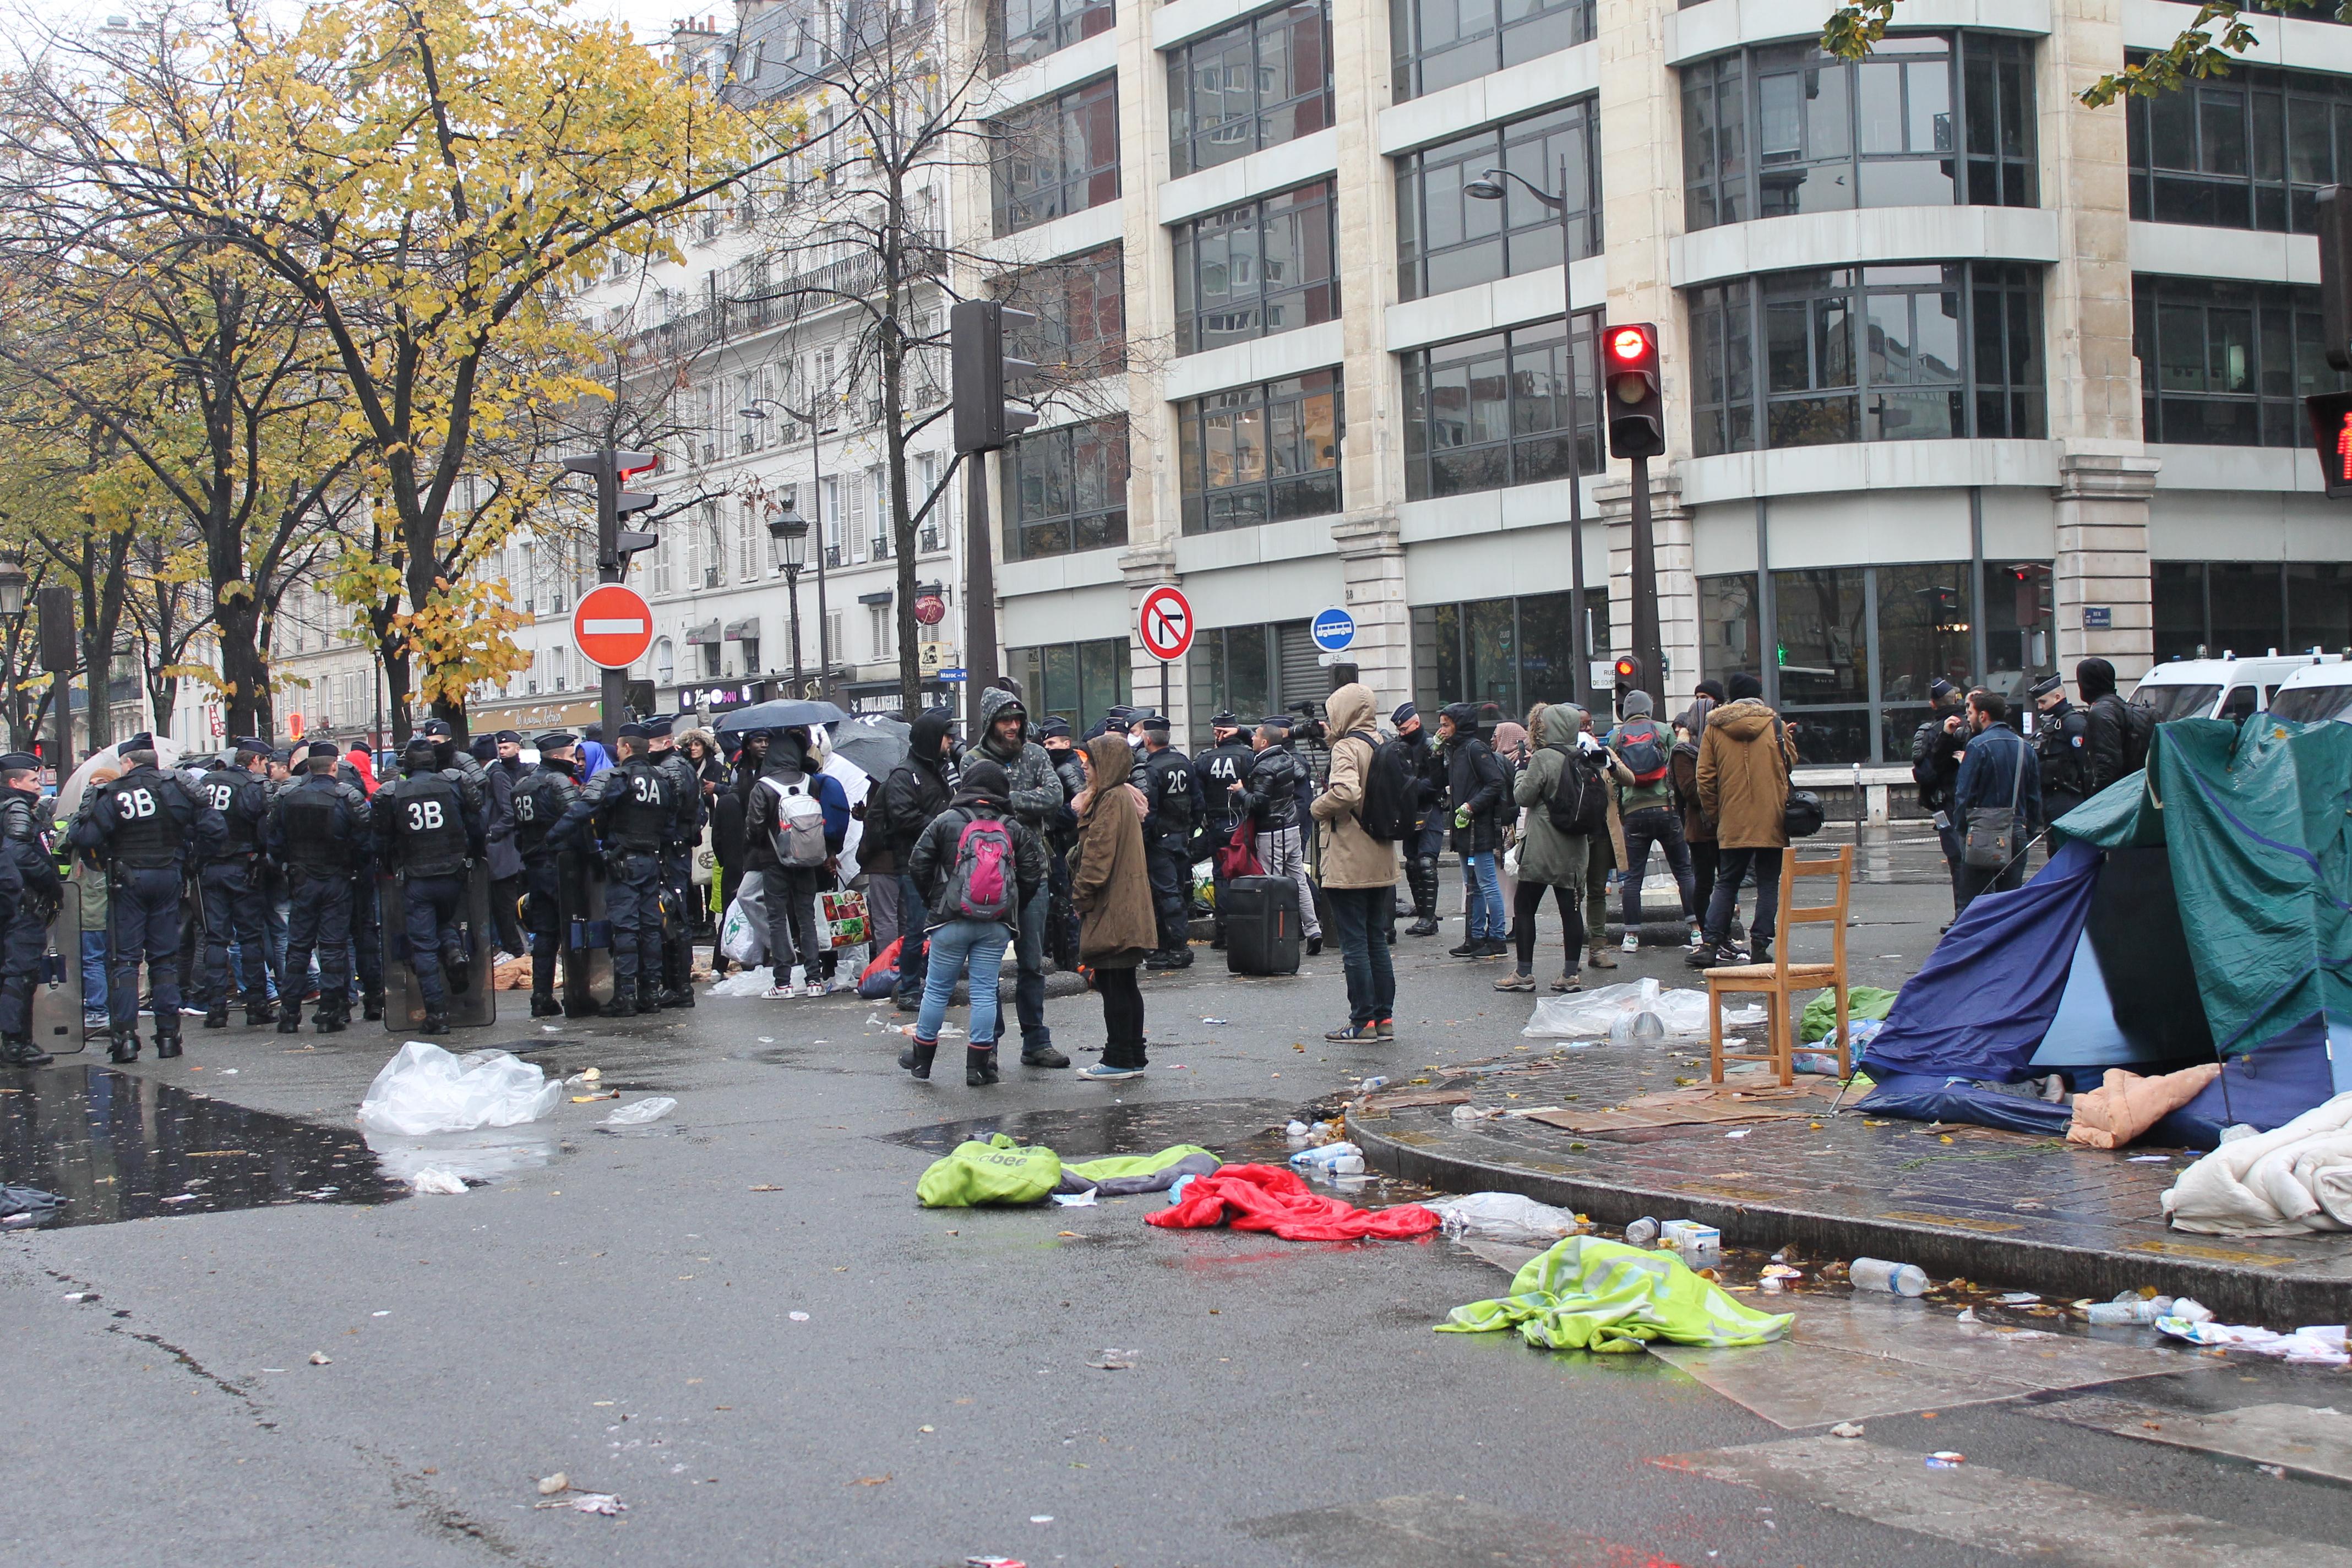 evacuazione-migranti-stalingrado-4-novembre-22